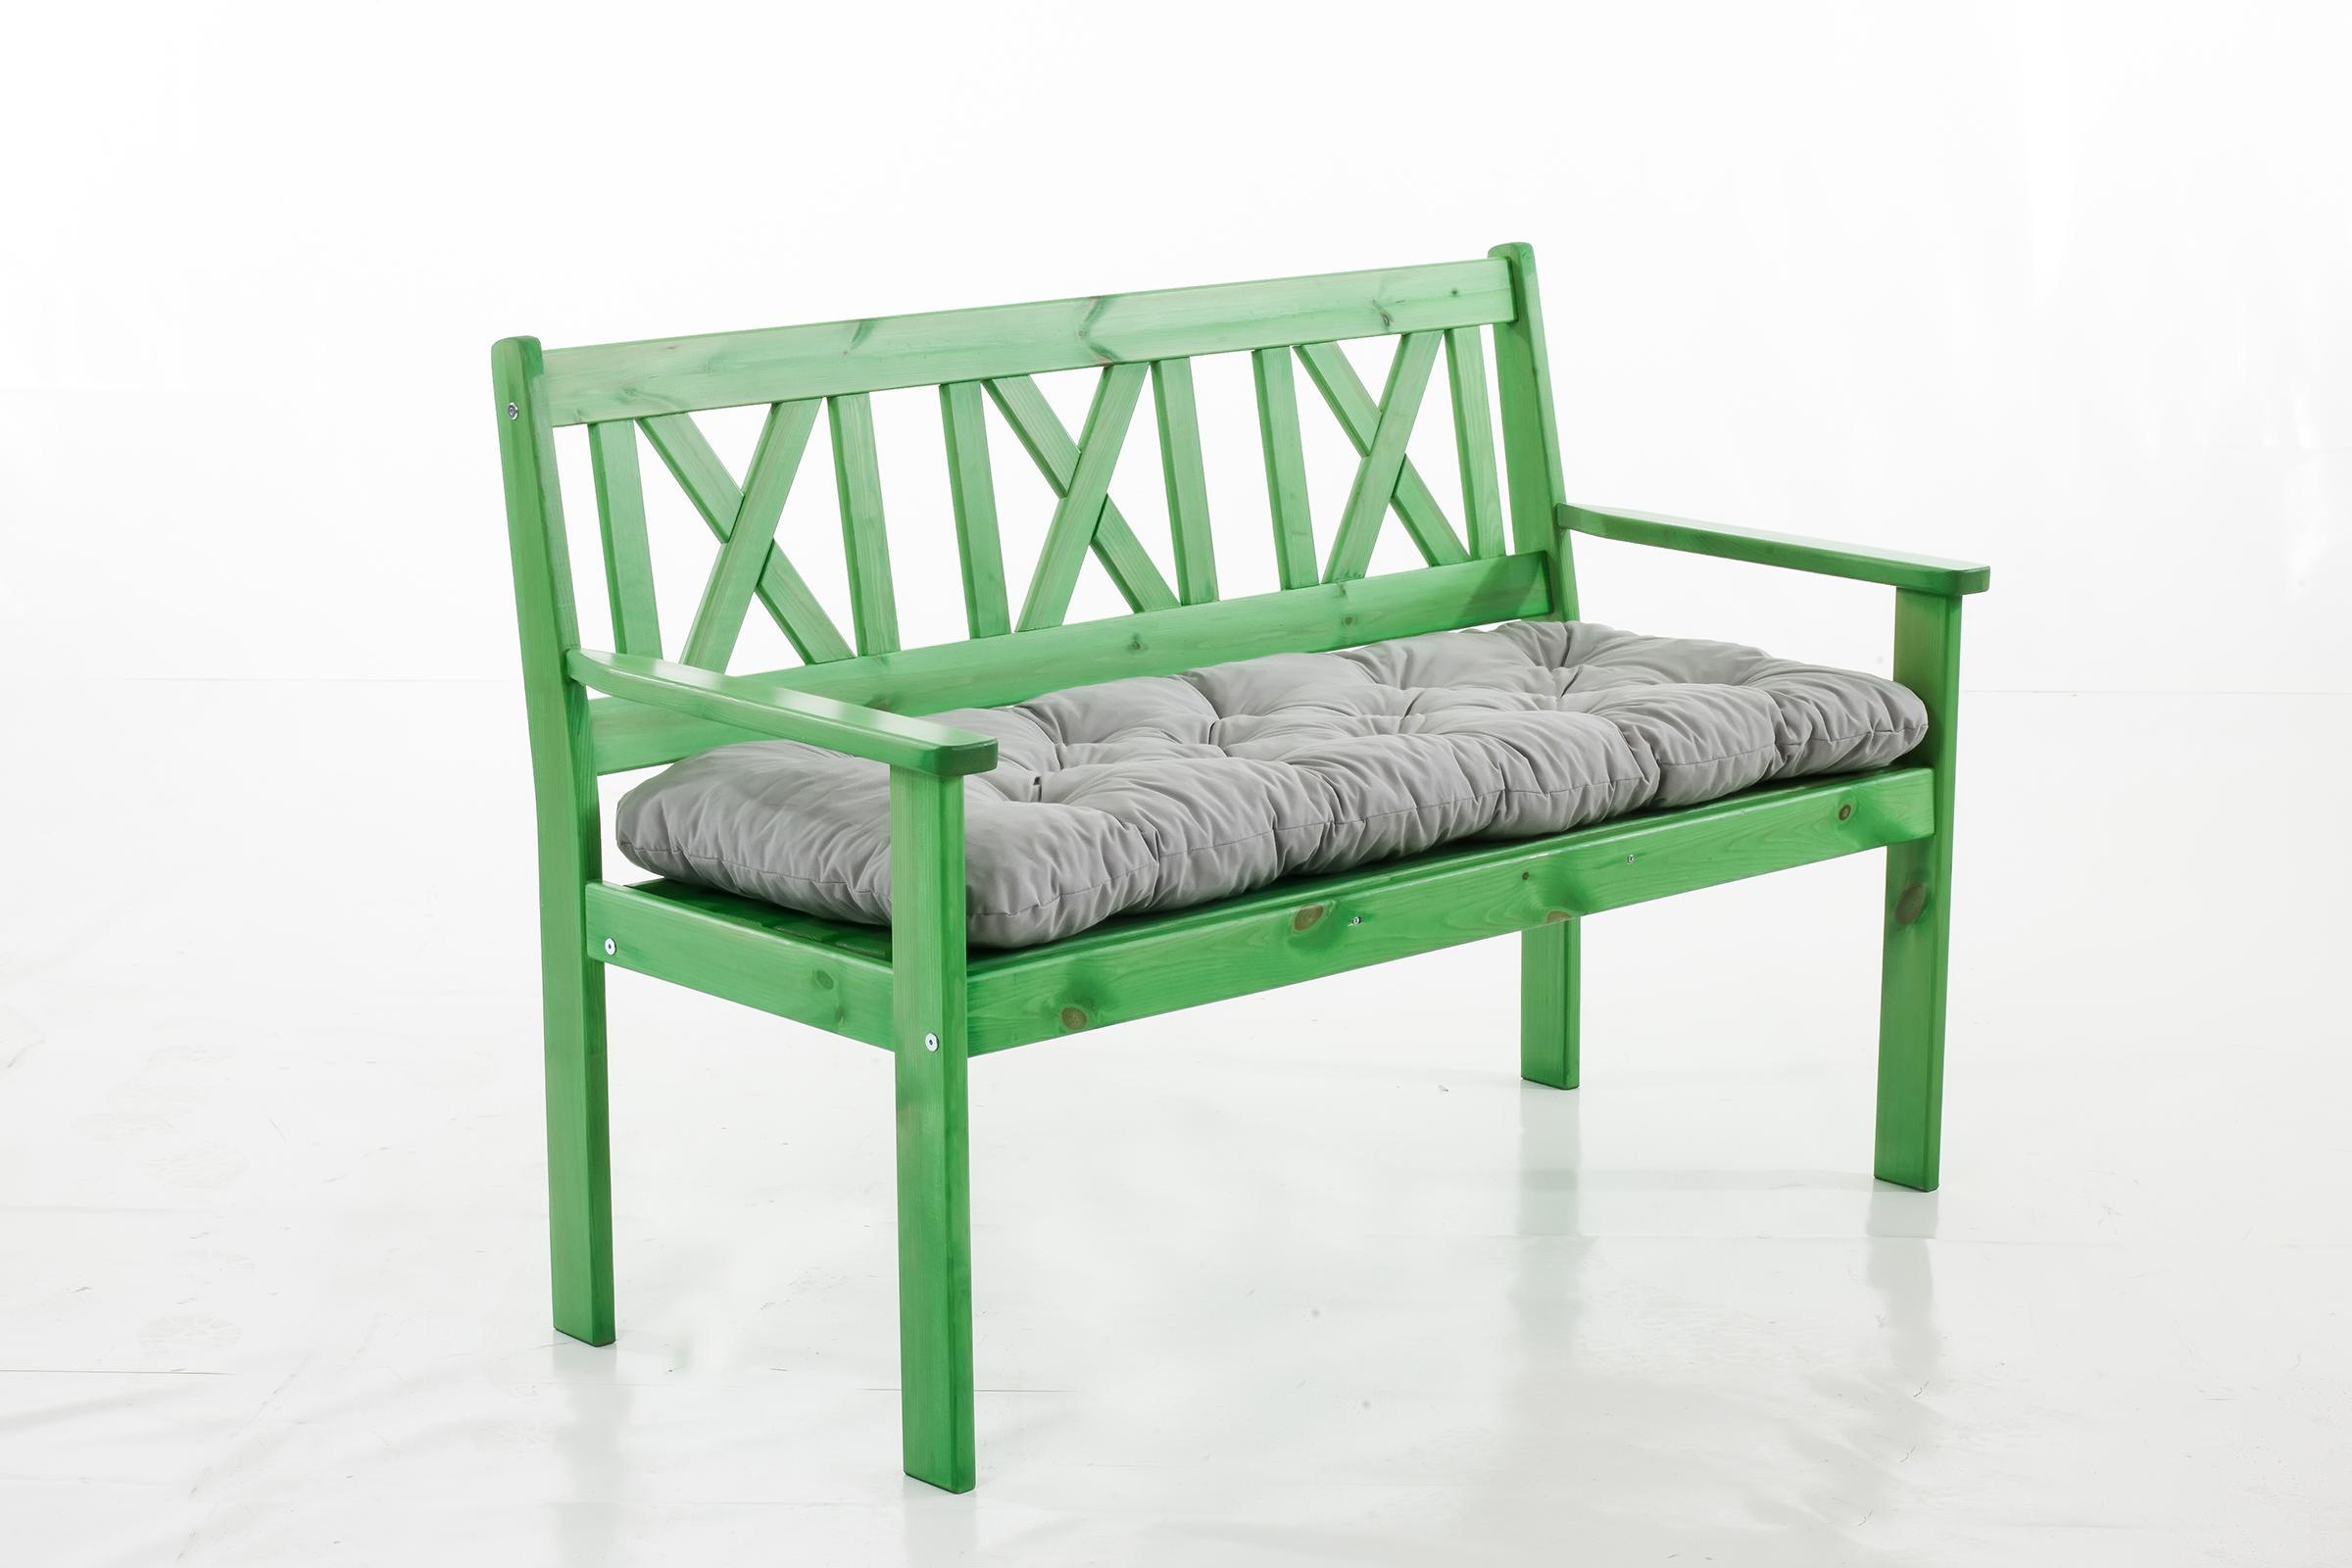 ambientehome massivholz bank gartenbank evje. Black Bedroom Furniture Sets. Home Design Ideas